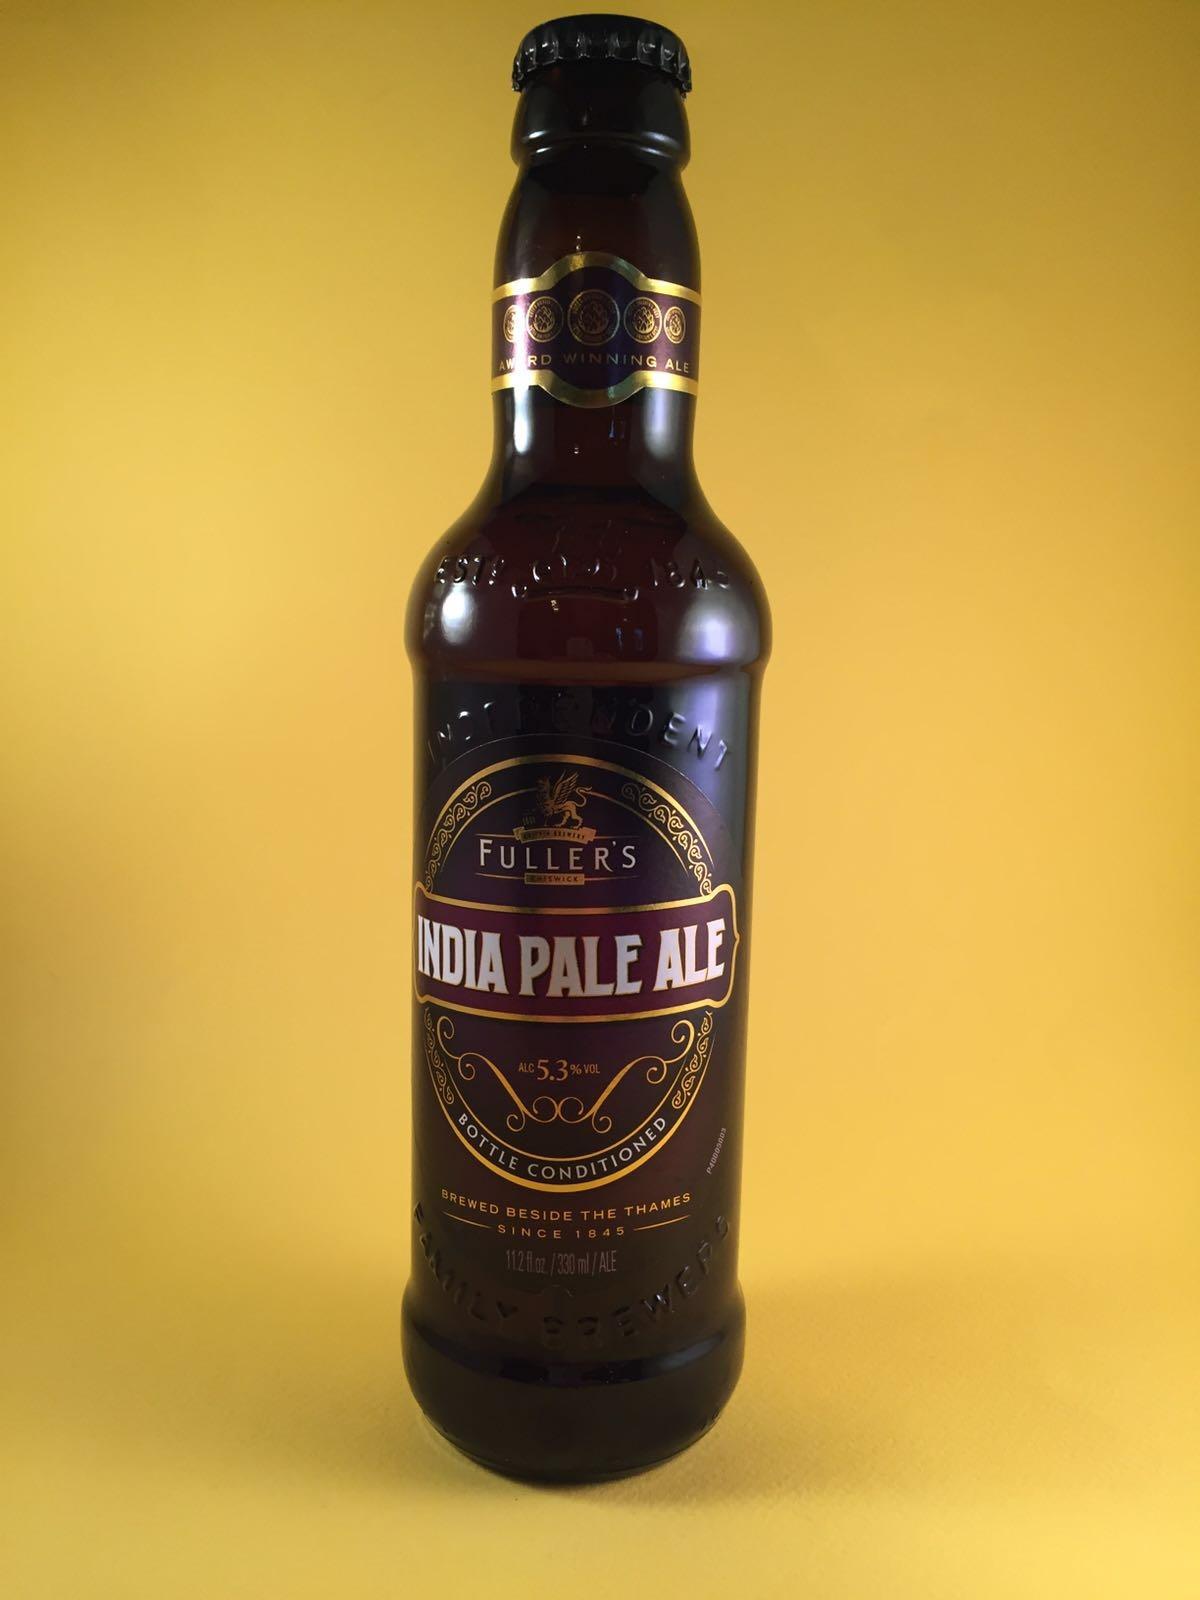 India Pale Ale Herkomst: Londen, Engeland Hoewel de naam anders doet denken is dit bier voor het eerst in de 19e eeuw gebrouwen in Engeland voor de Londense markt. Typische smaak van dit bier is te danken aan de lange overzeese reizen naar India die wel 5 maanden kon duren. Ze dachten dat het bier langer goed bleef als er meer hop werd toegevoegd aan het bier en het alcoholpercentage werd verhoogd, 5,2%. Advies serveertemperatuur: 7 graden